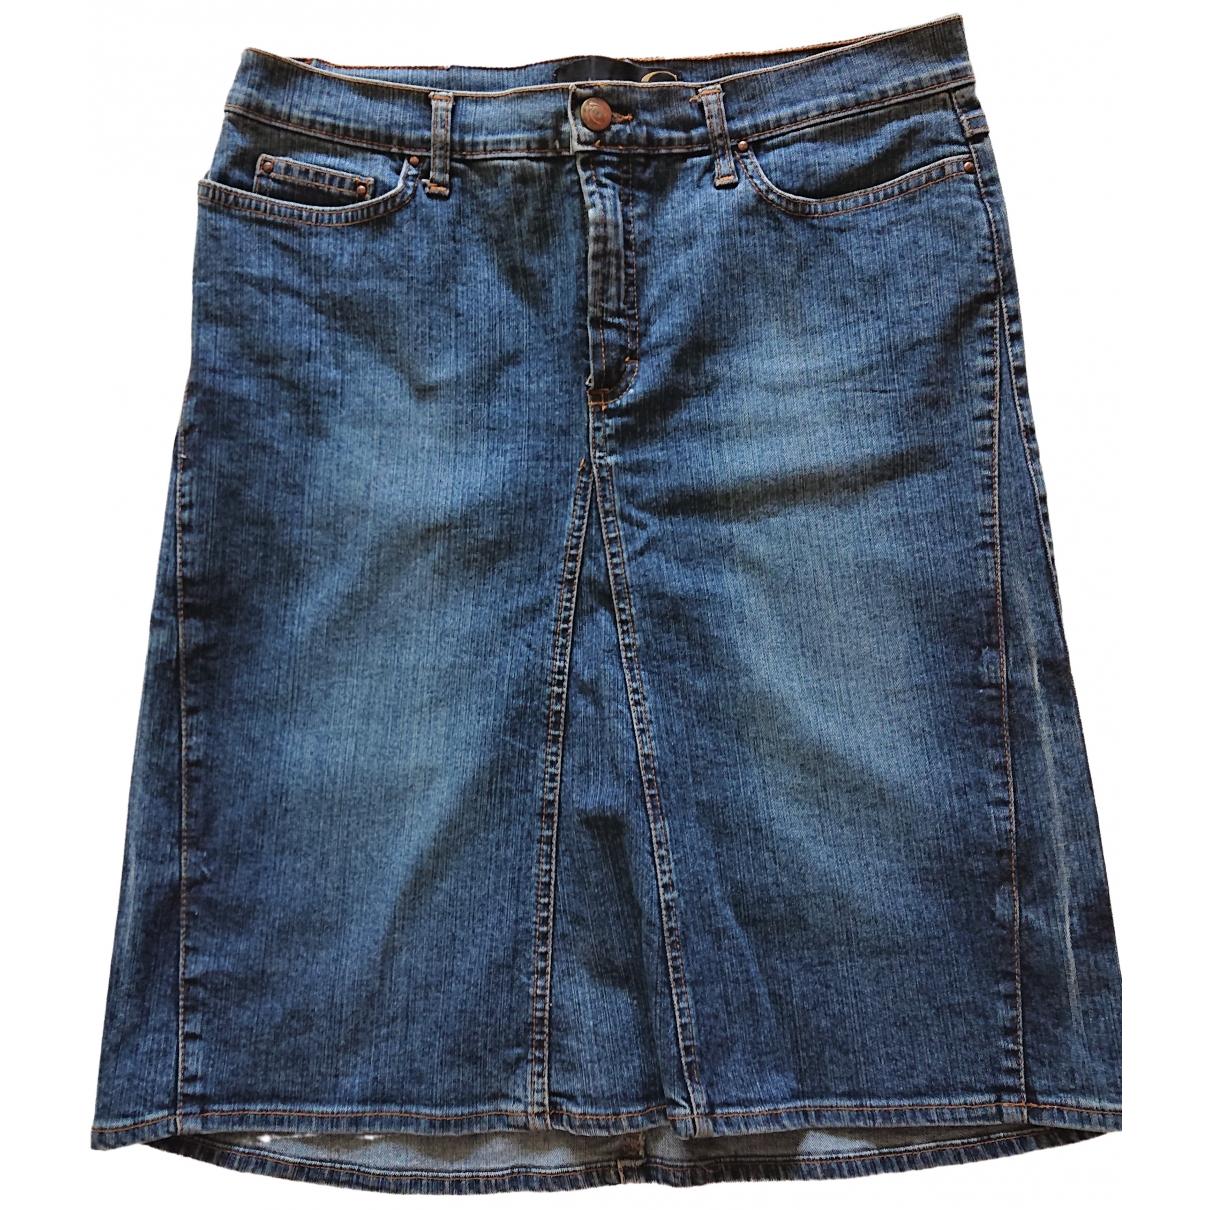 Just Cavalli \N Blue Denim - Jeans skirt for Women 44 IT